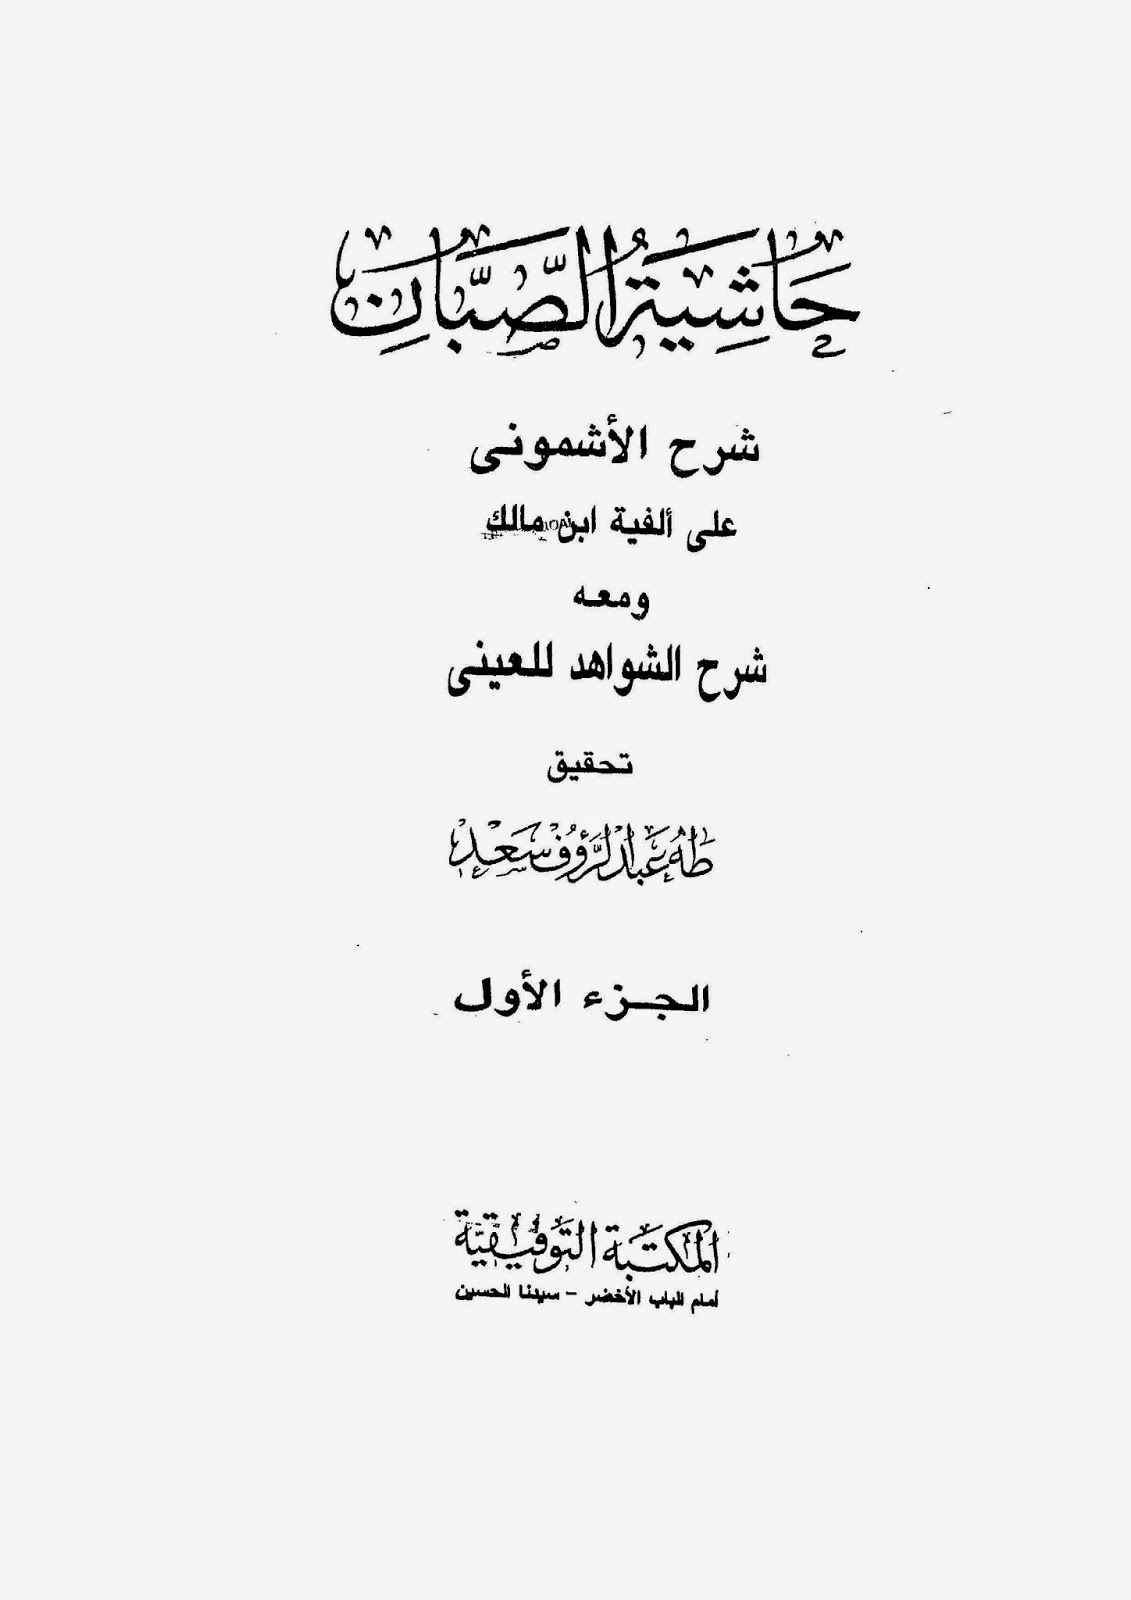 حاشية الصبّان شرح الأشموني على ألفية ابن مالك  ومعه شرح الشواهد للعيني